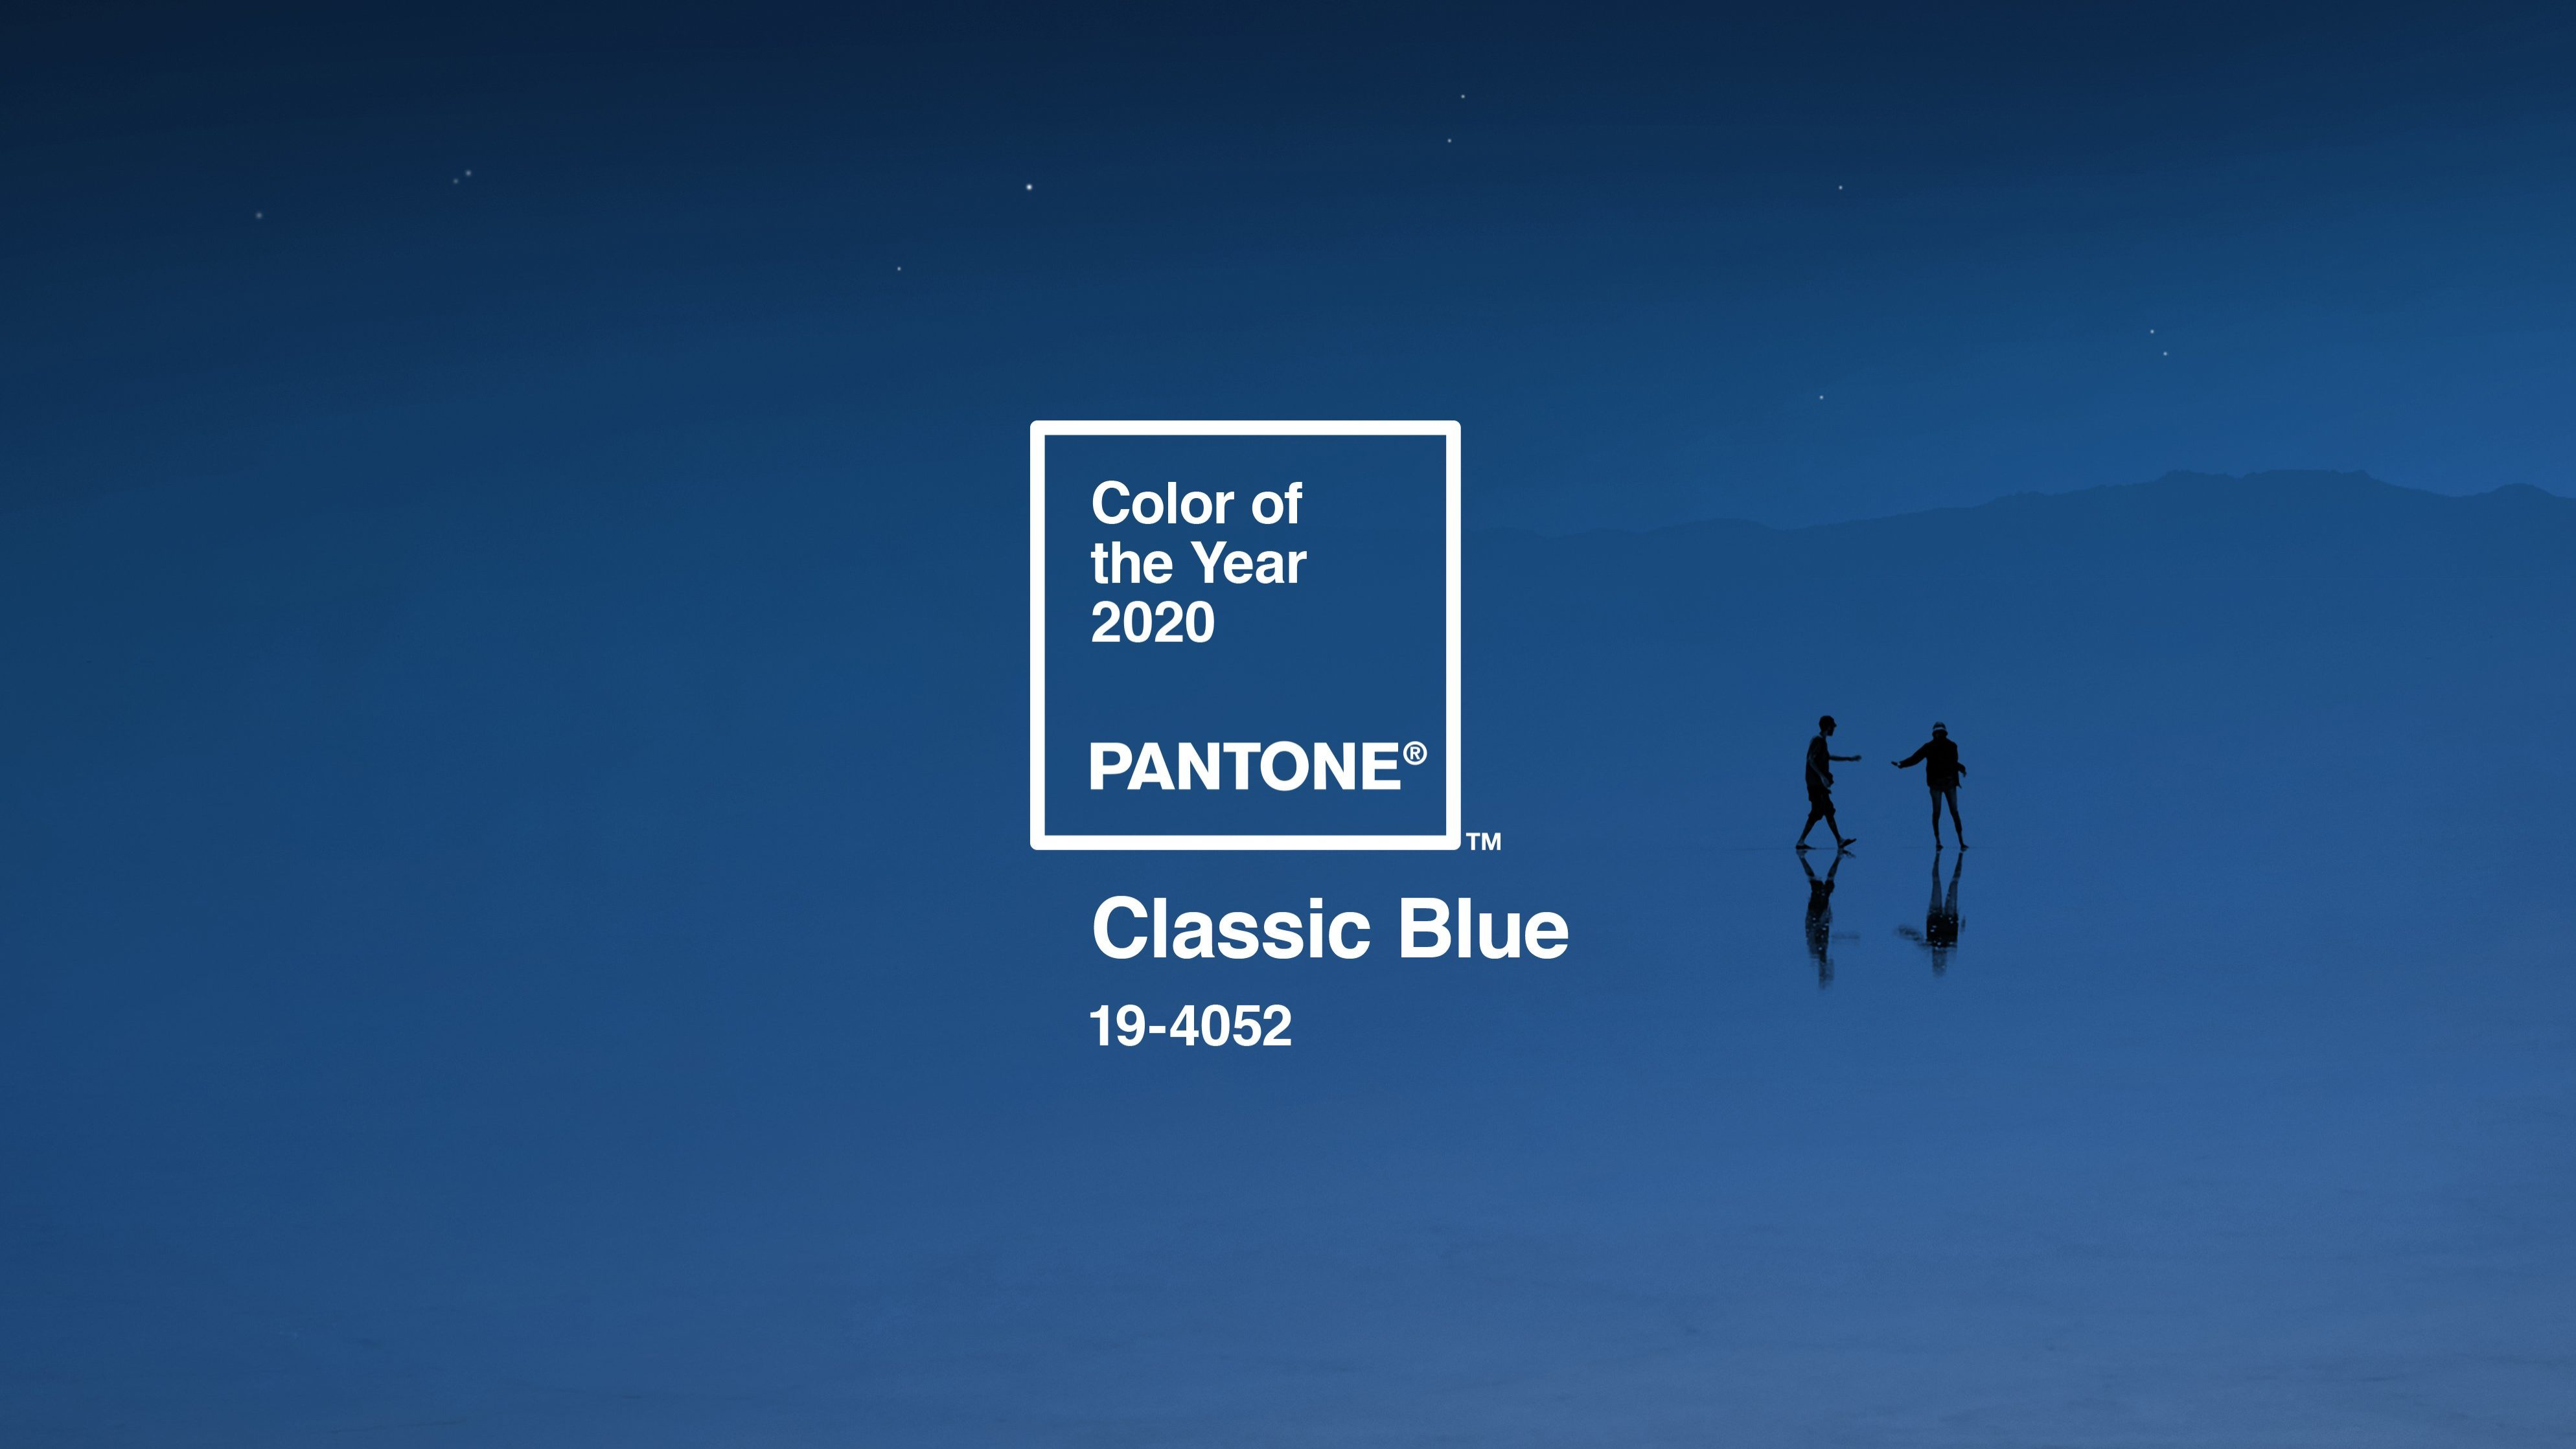 Depois do Coral, o azul clássico é a cor da Pantone para 2020